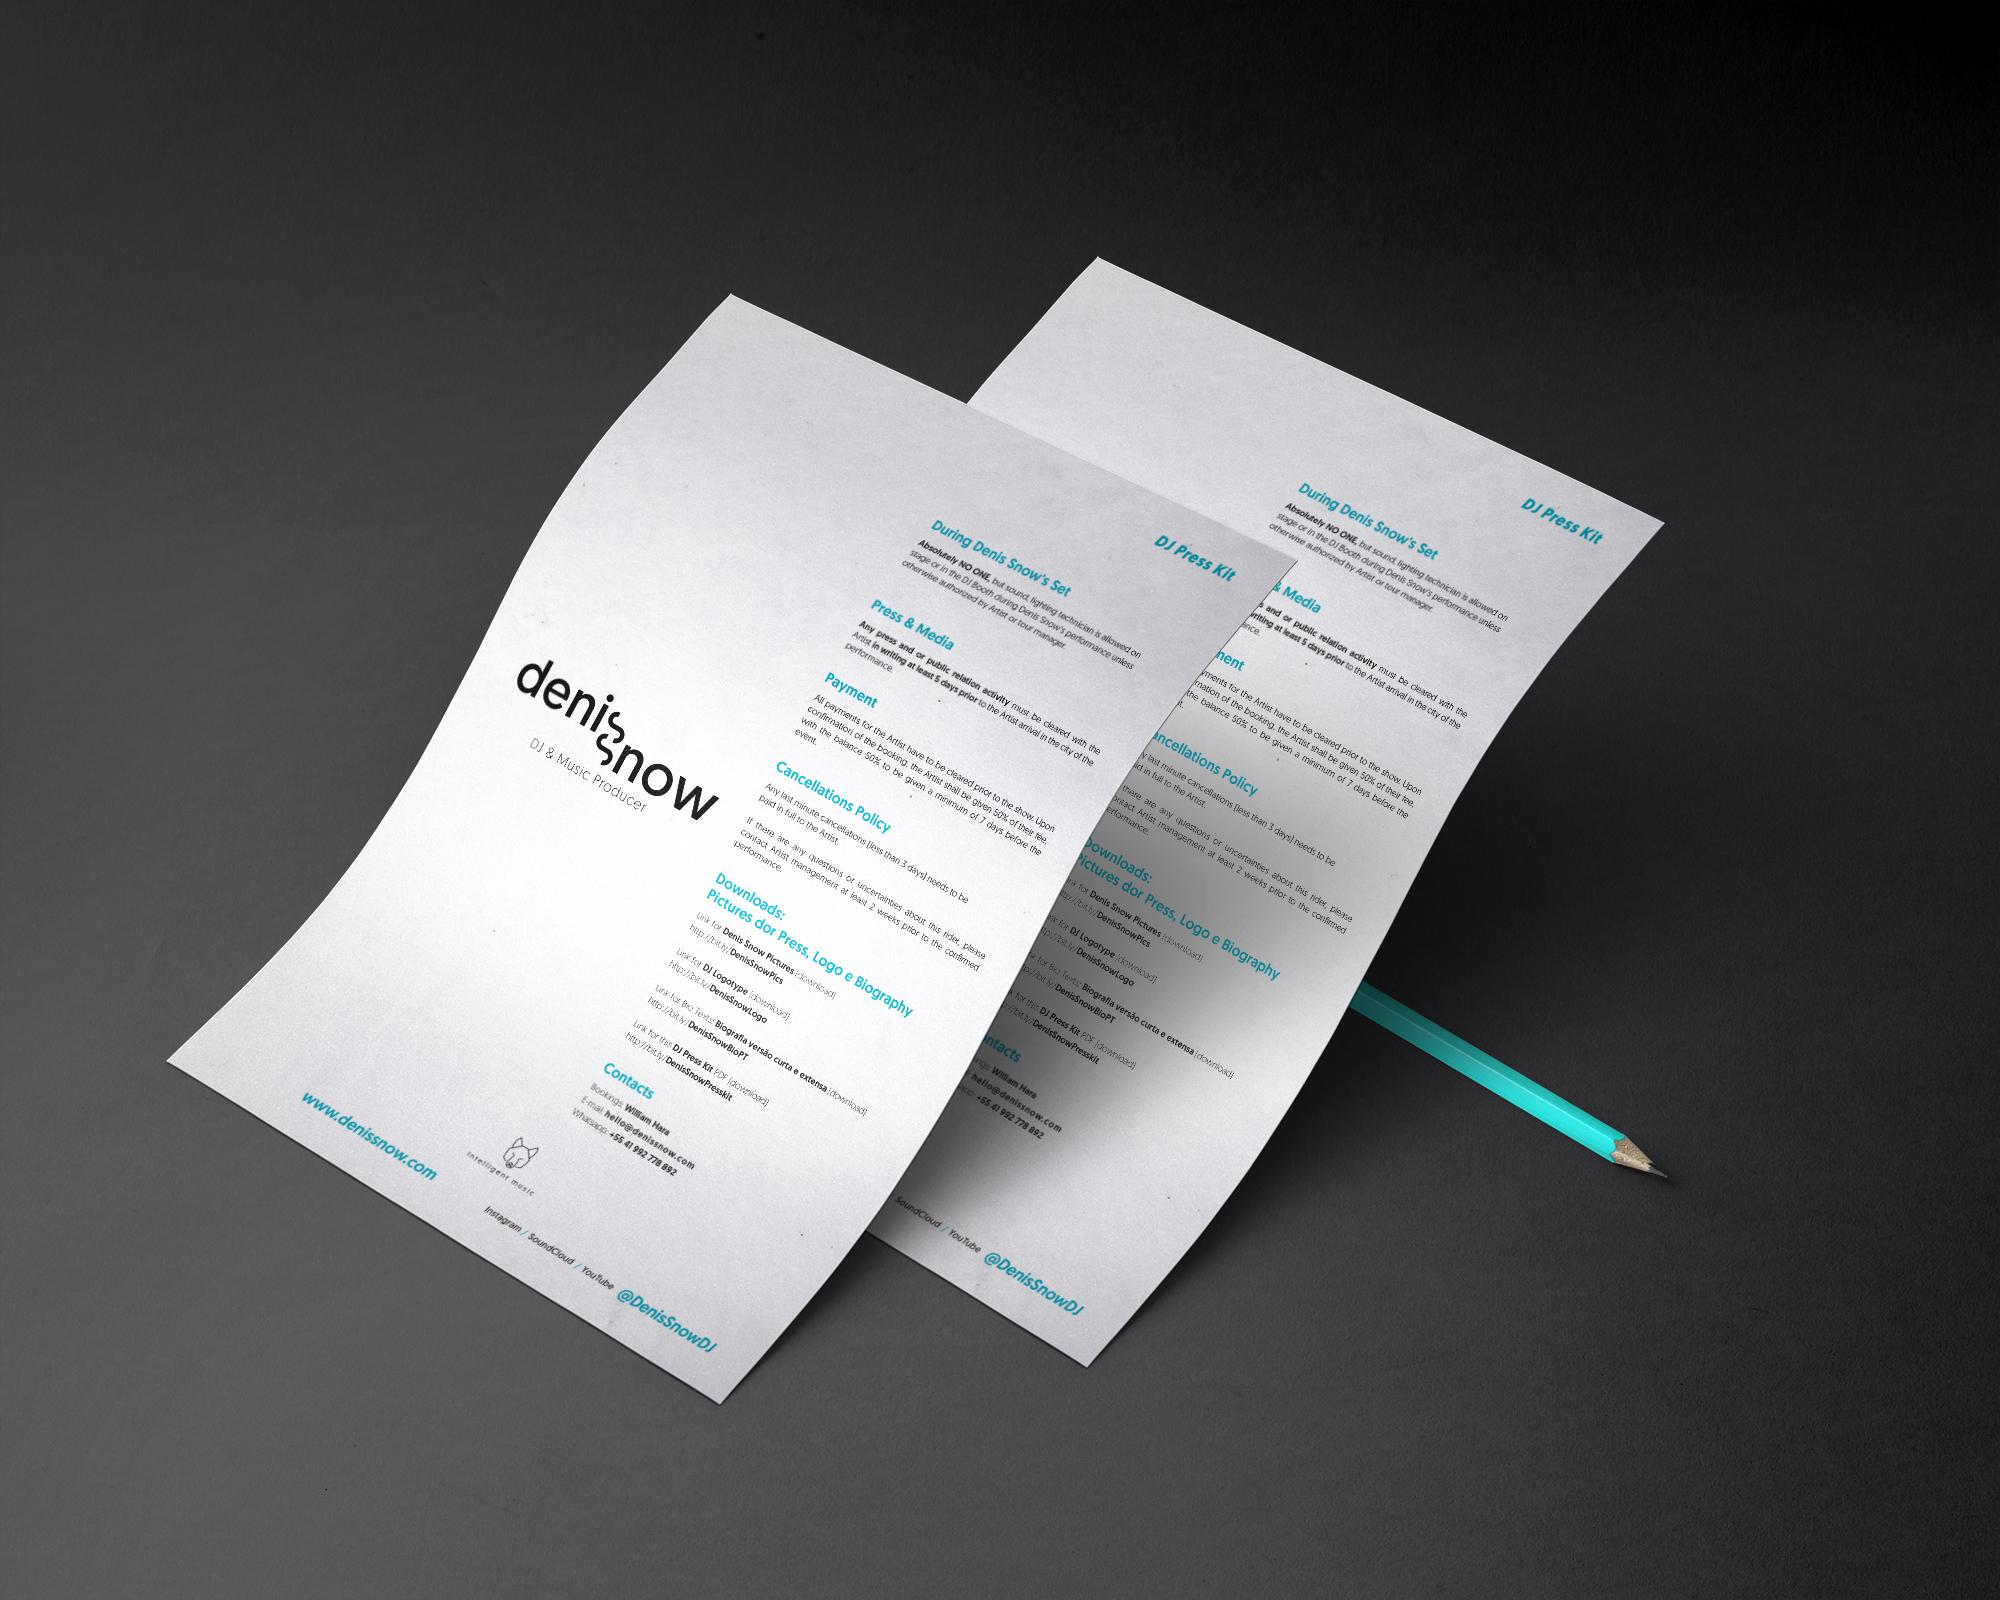 Print Press Kit - .PDF READY FOR PRINT